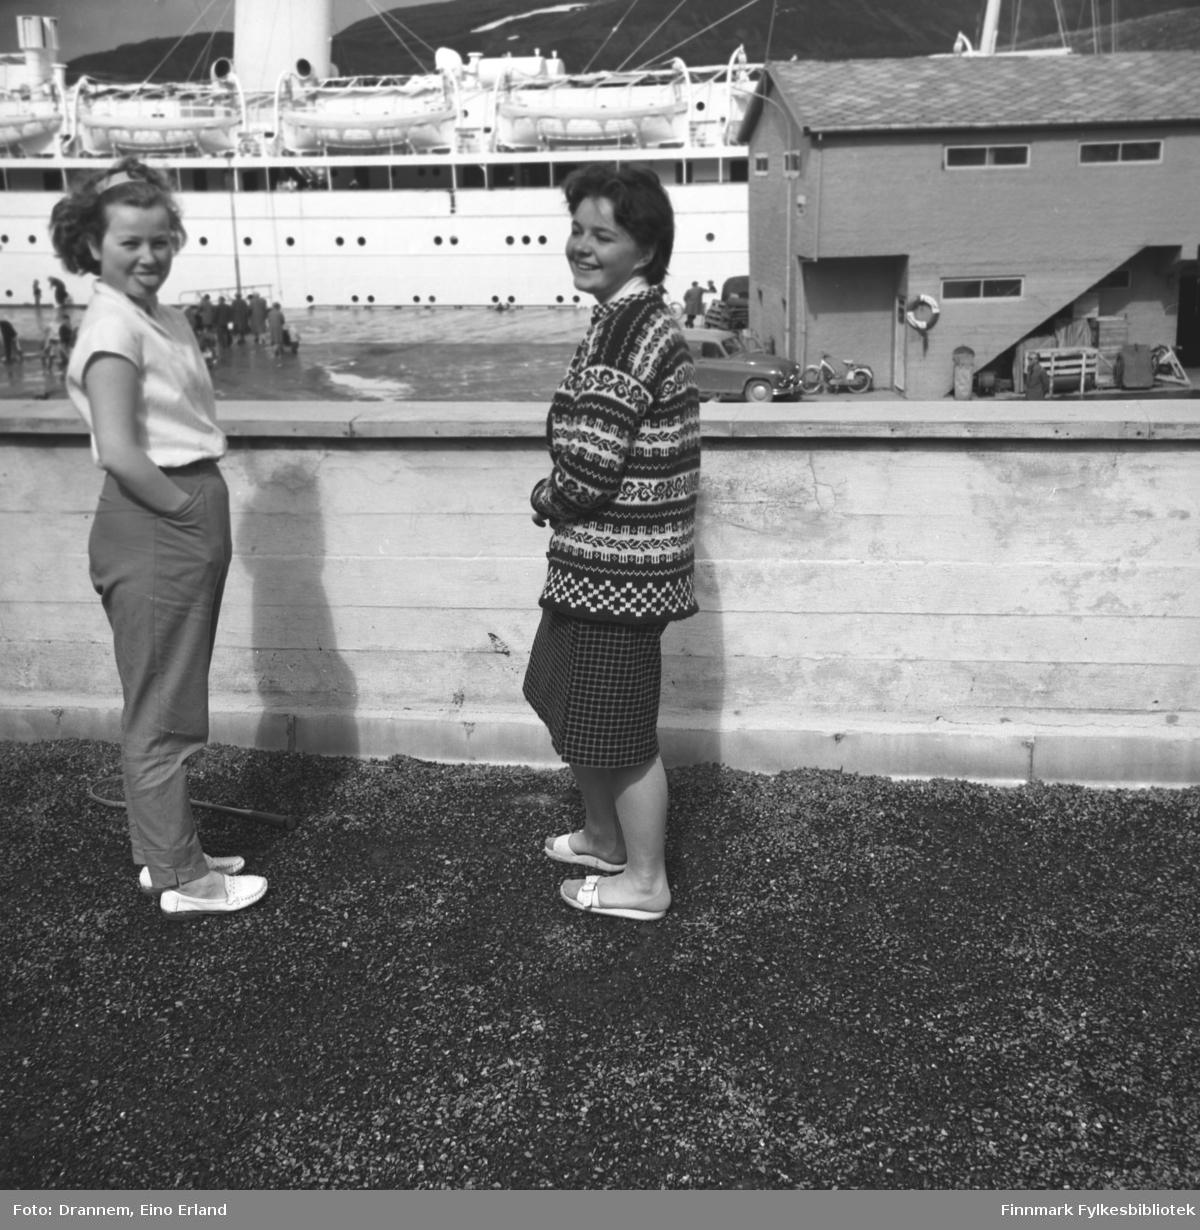 To jenter på verandataket til Tollboden i Hammerfest. De er fra venstre: Turid Karikoski og Maija, etternavn ukjent. Overbygget på et passasjerskip som ligger ved Dampskipskaia ses i overkant av bildet.